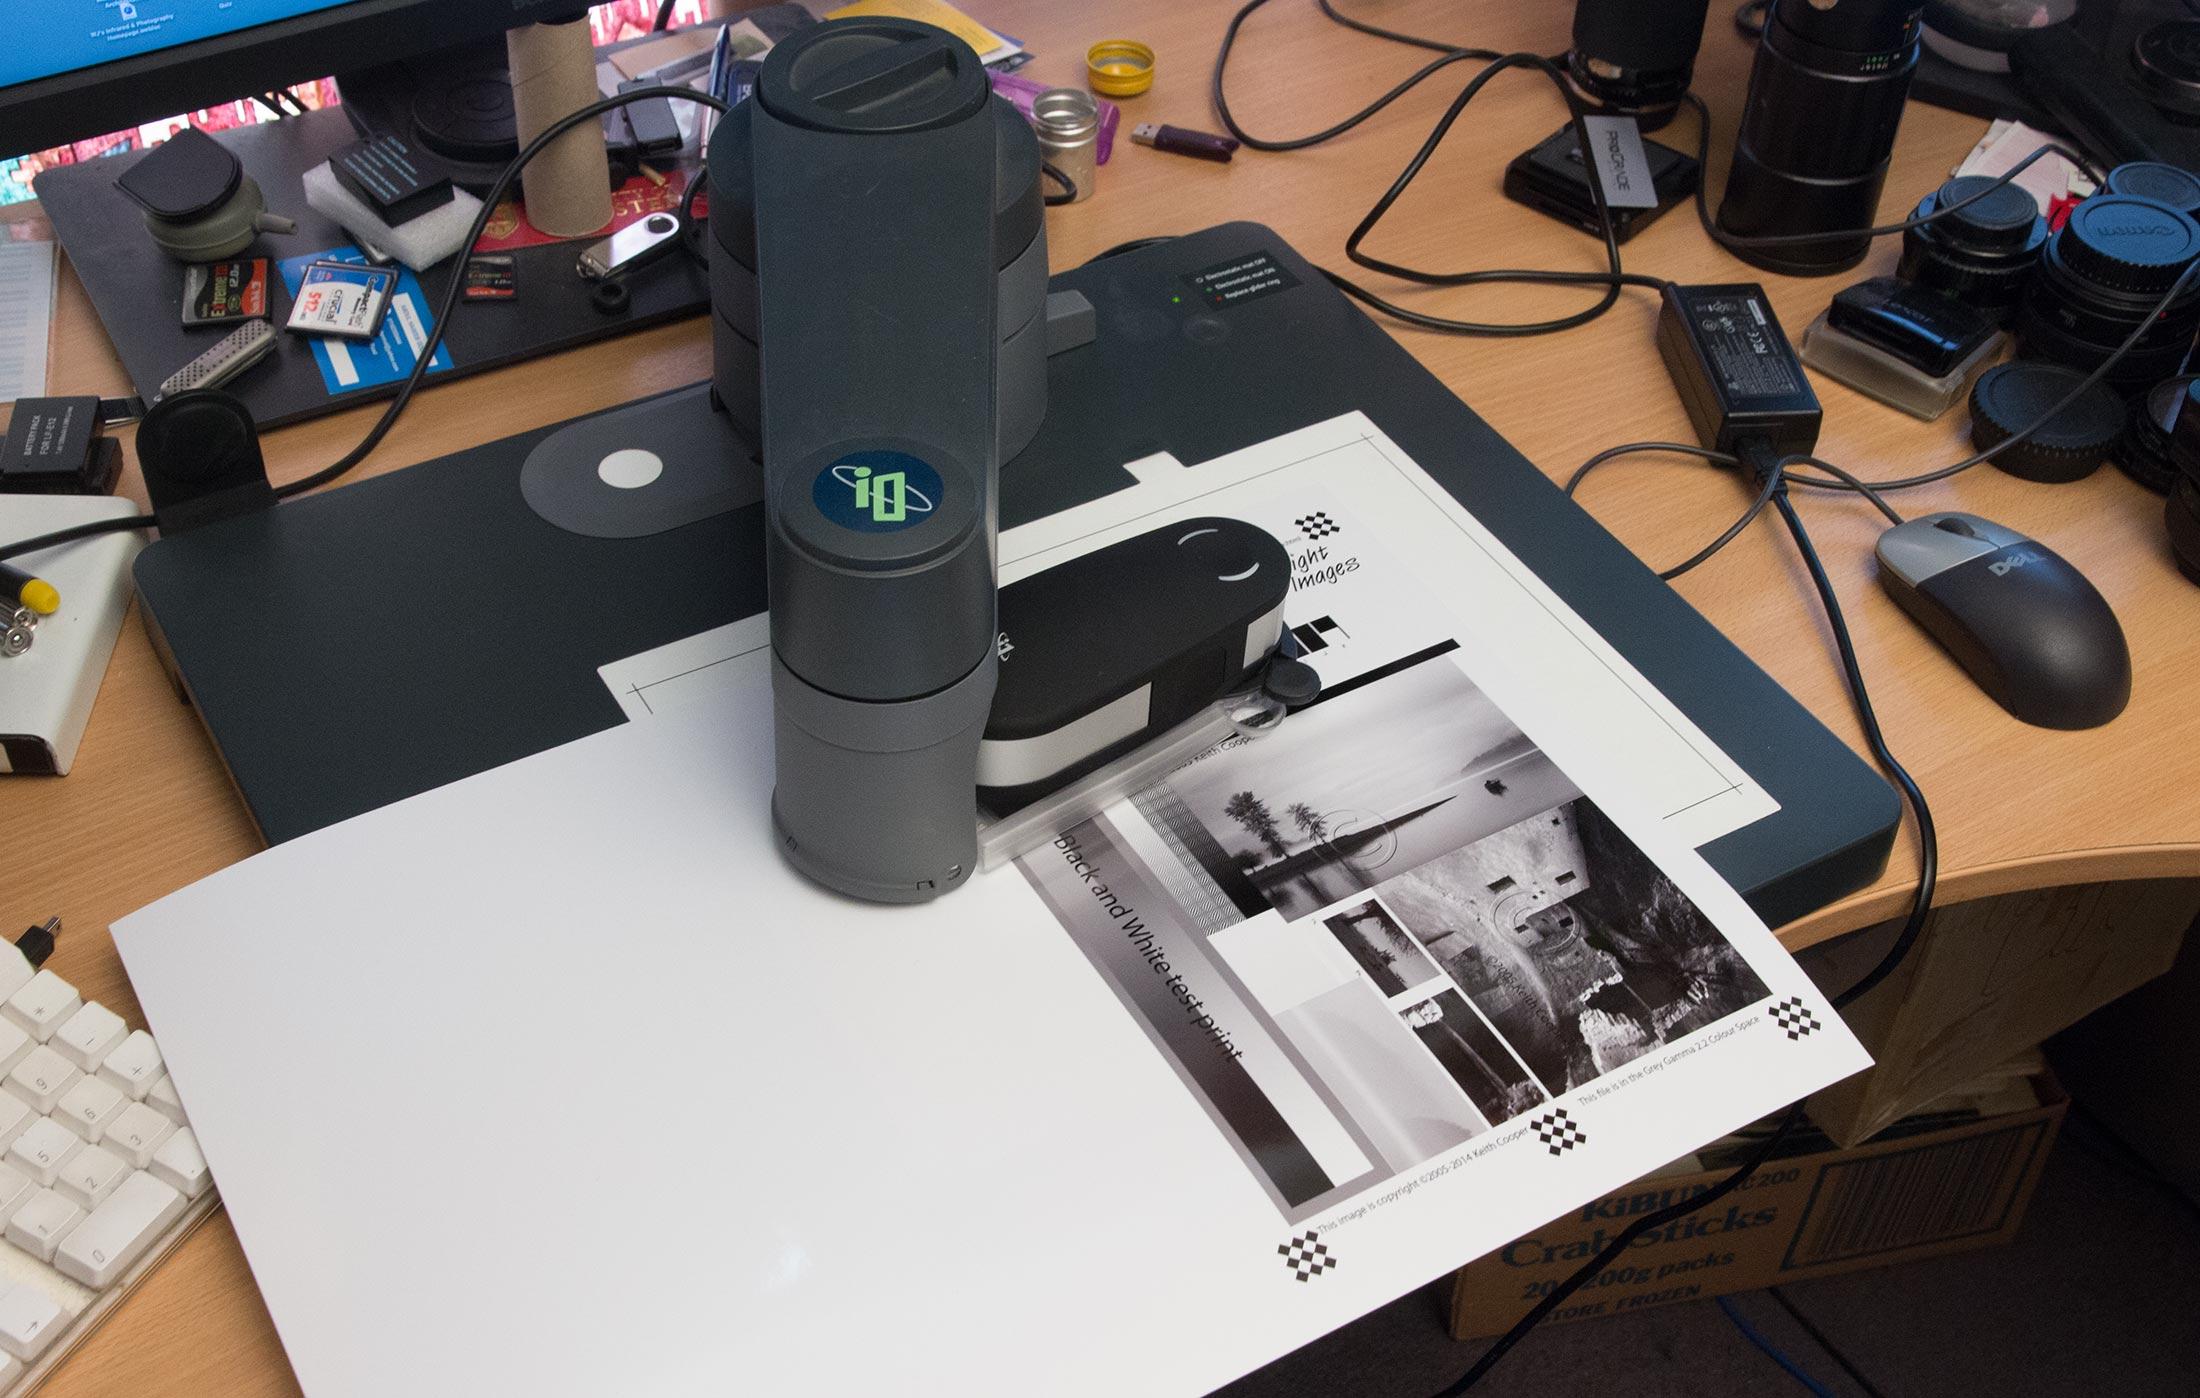 i1i0 scanning